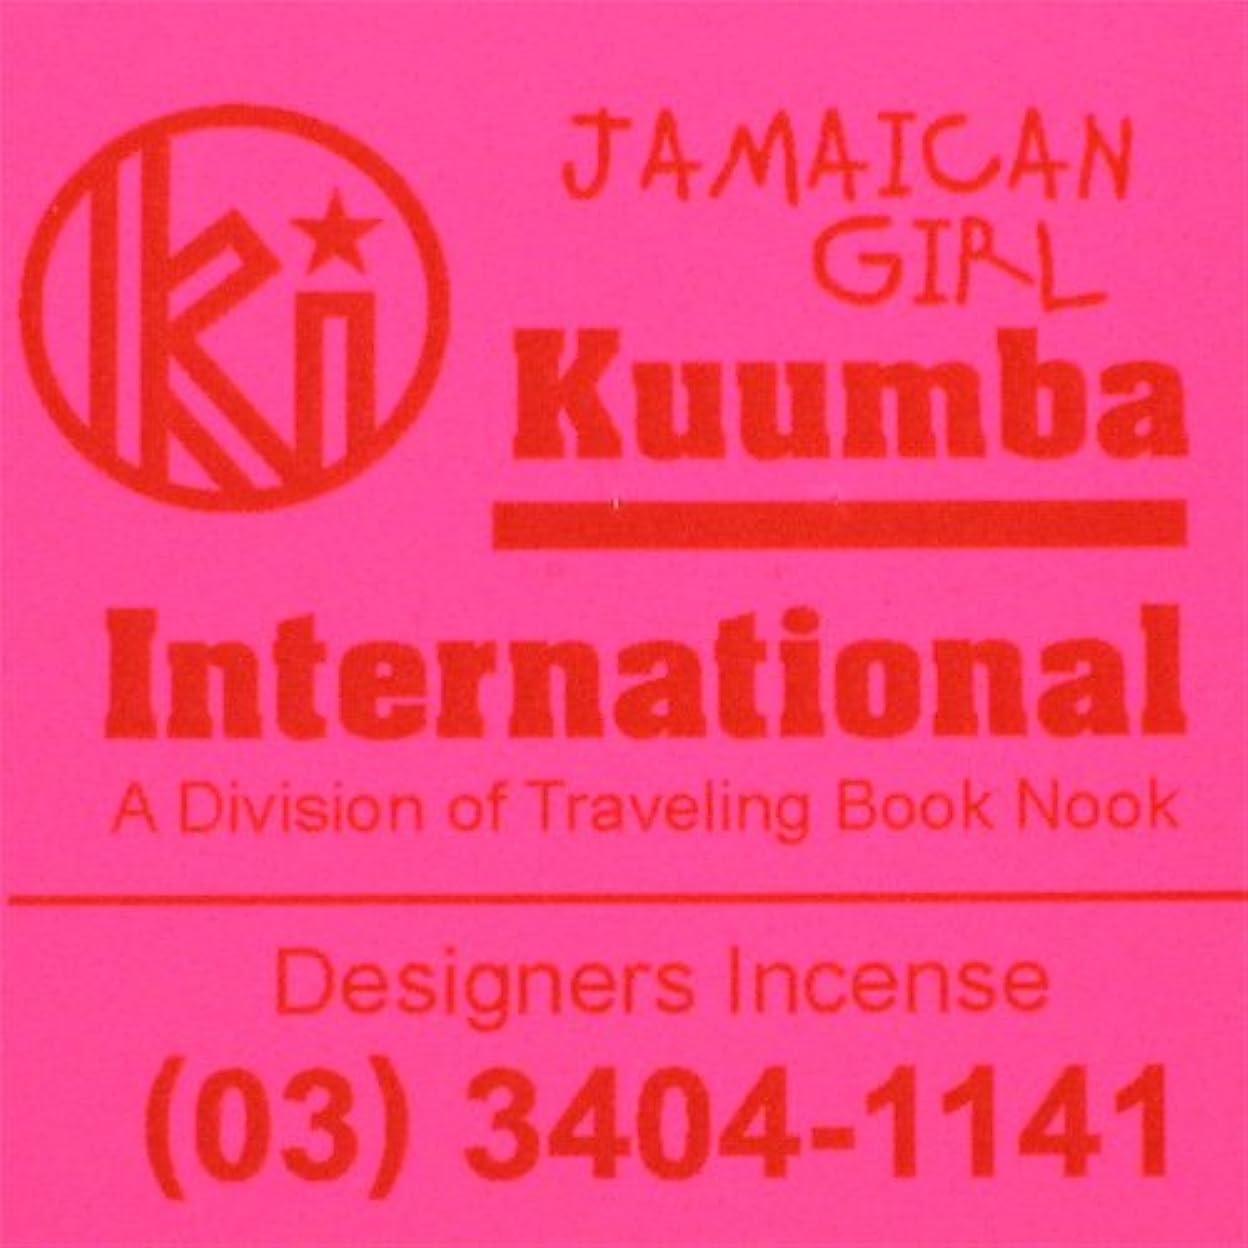 敬意まつげパキスタンKUUMBA / クンバ『incense』(JAMAICAN GIRL) (Regular size)